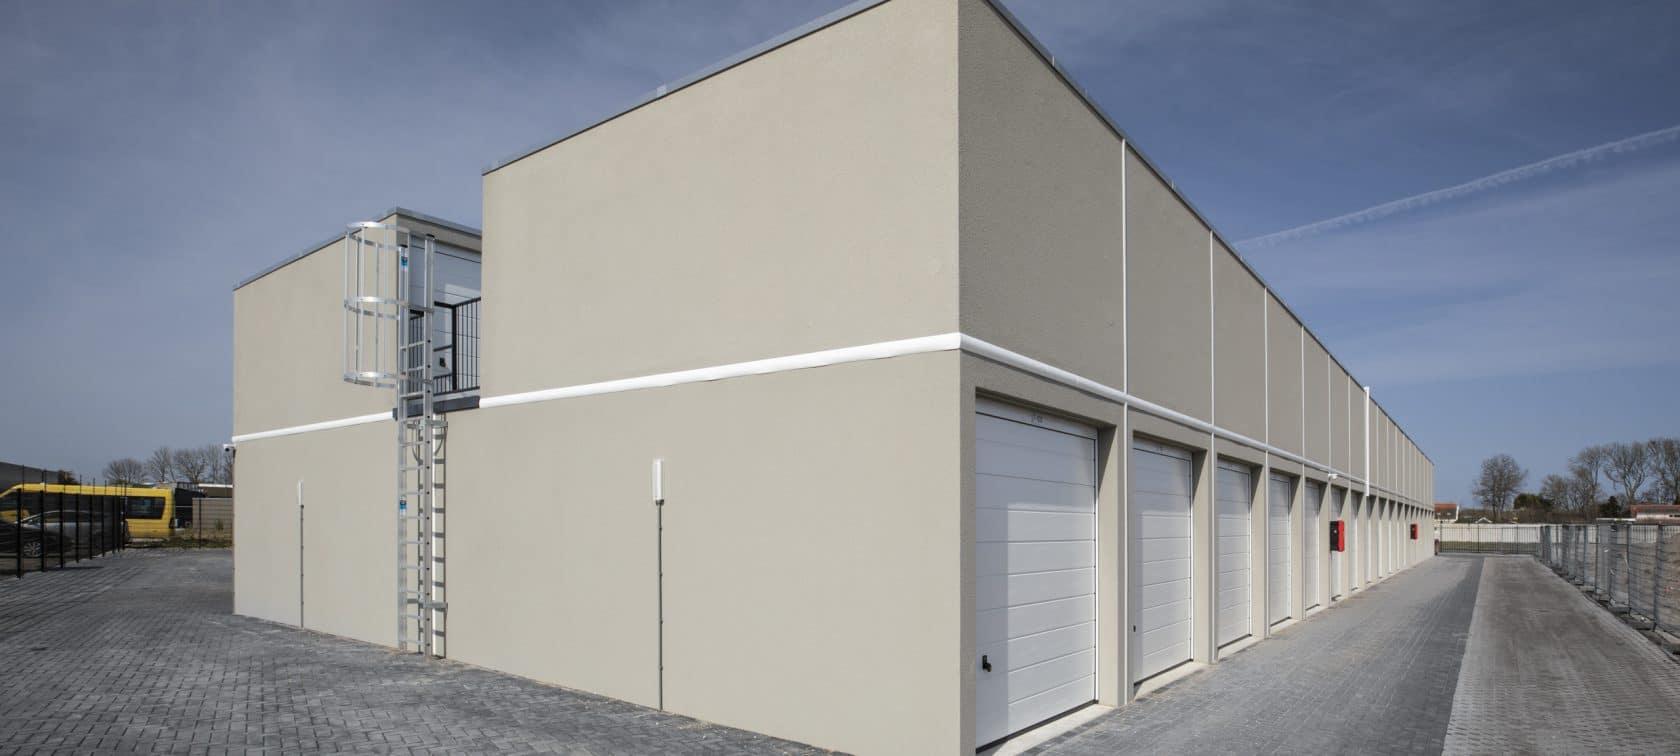 GaragePark Heinenoord